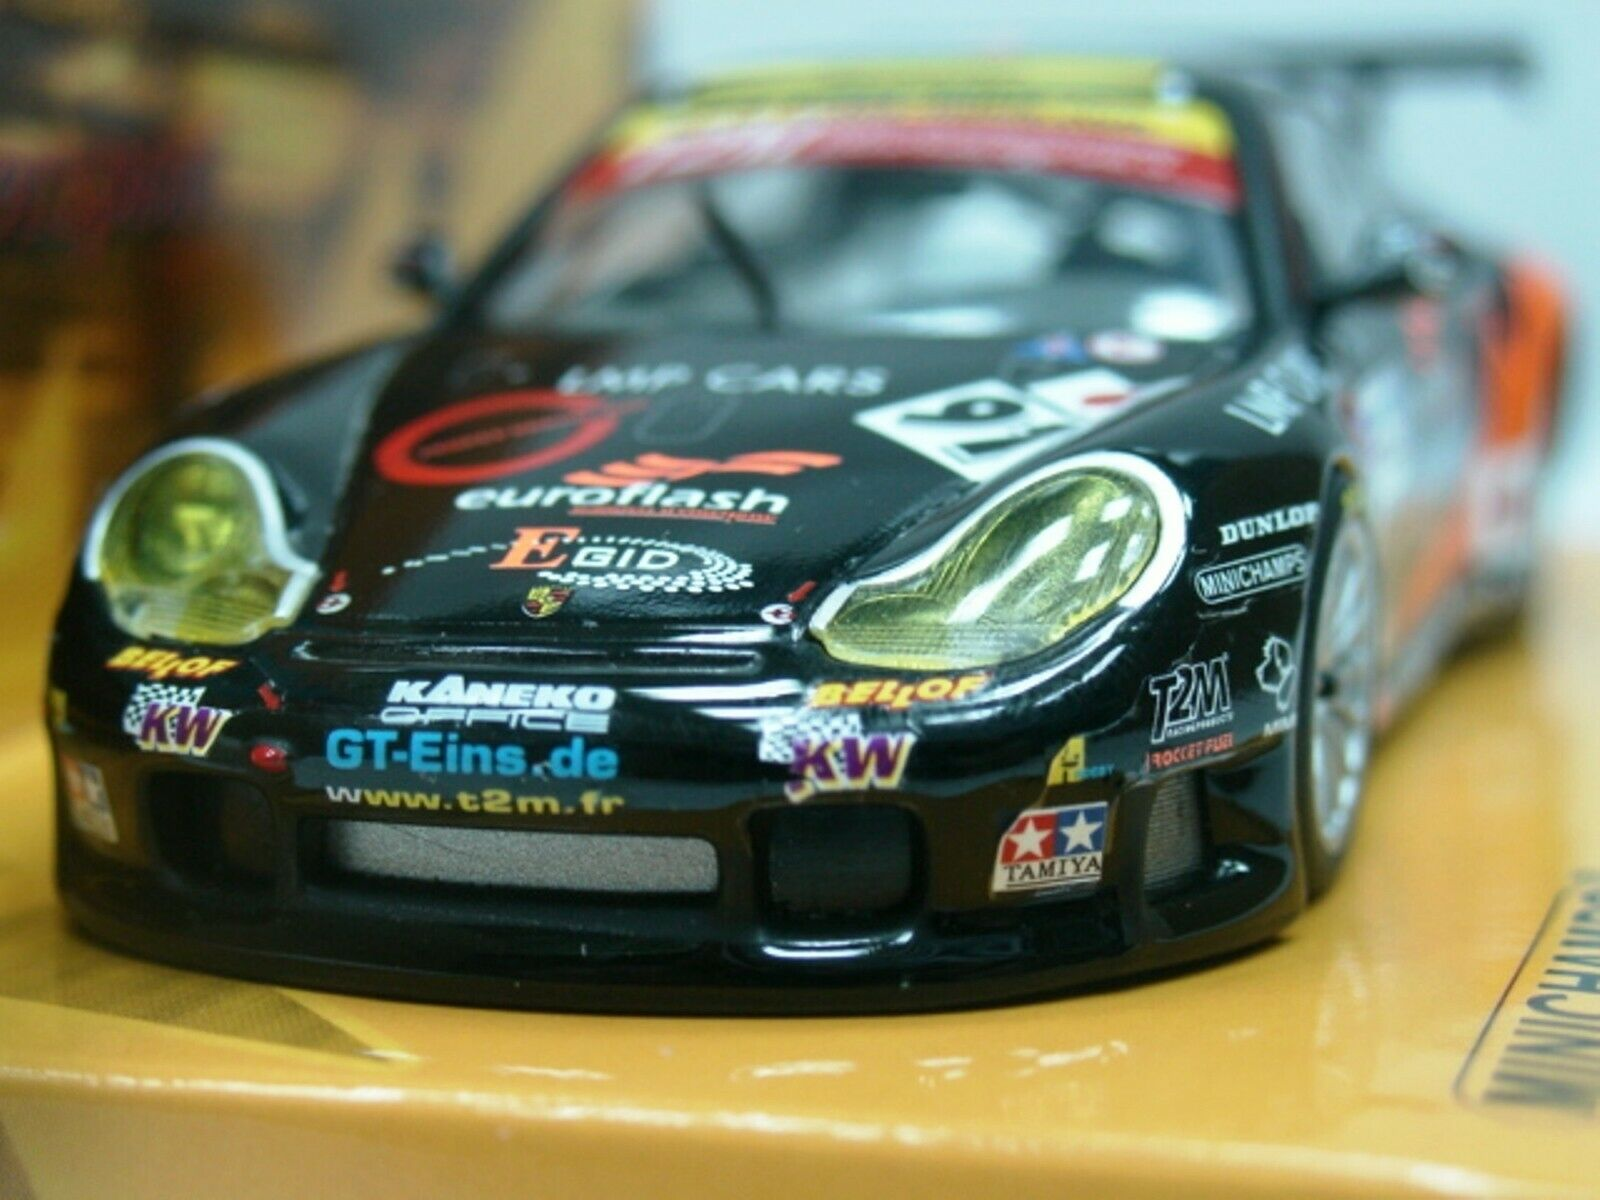 WOW EXTREMELY RARE Porsche 996 911 GT3 RS T2M Le Mans 2005 1 43 Minichamps